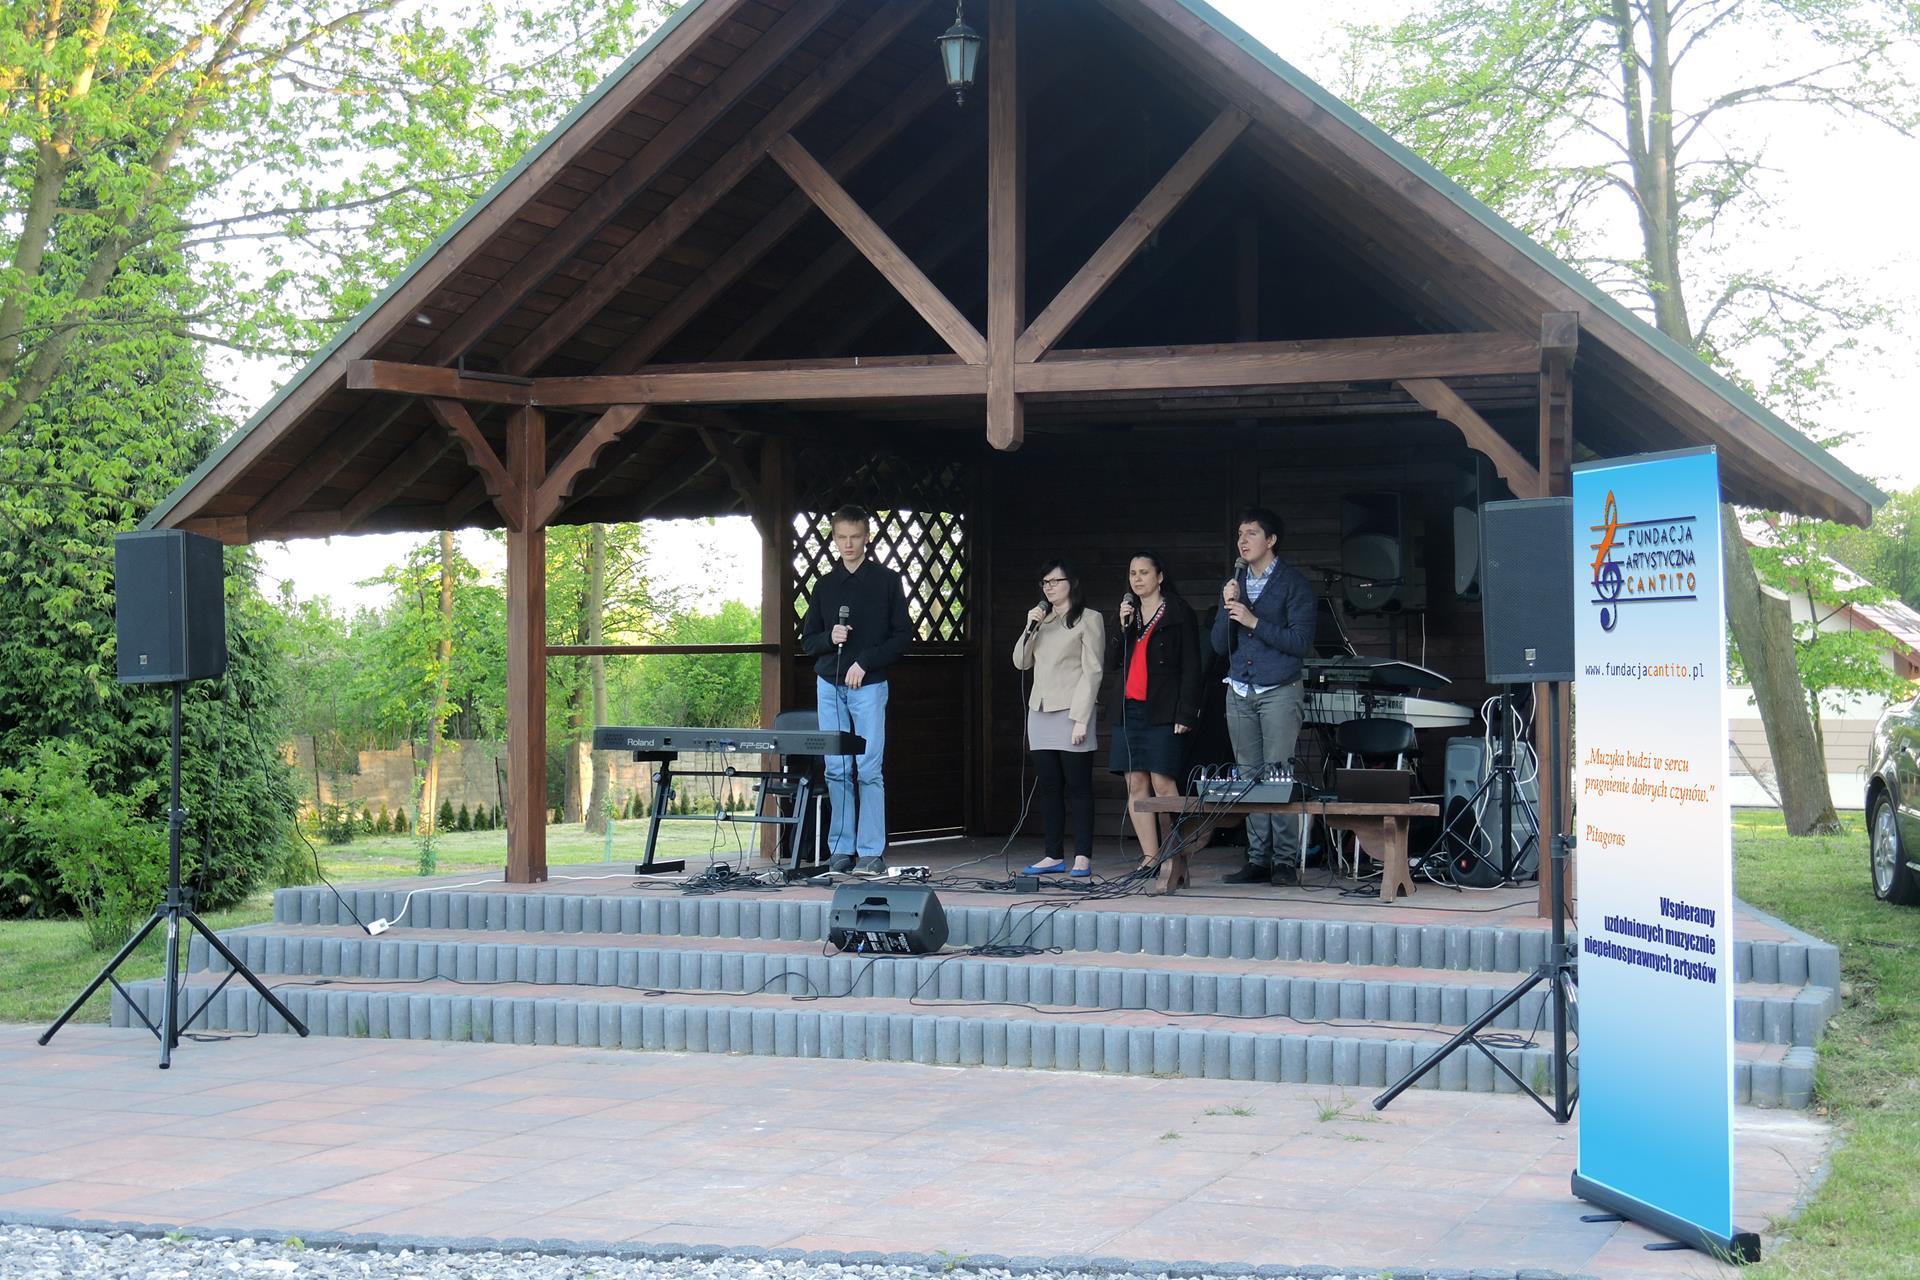 Pod drewnianą altaną śpiewają dwie kobiety i dwóch mężczyzn z mikrofonami w rękach. Przed mężczyzną stojącym po lewej stronie instrument klawiszowy, a obok drugiego mężczyzny z prawej strony mikser.